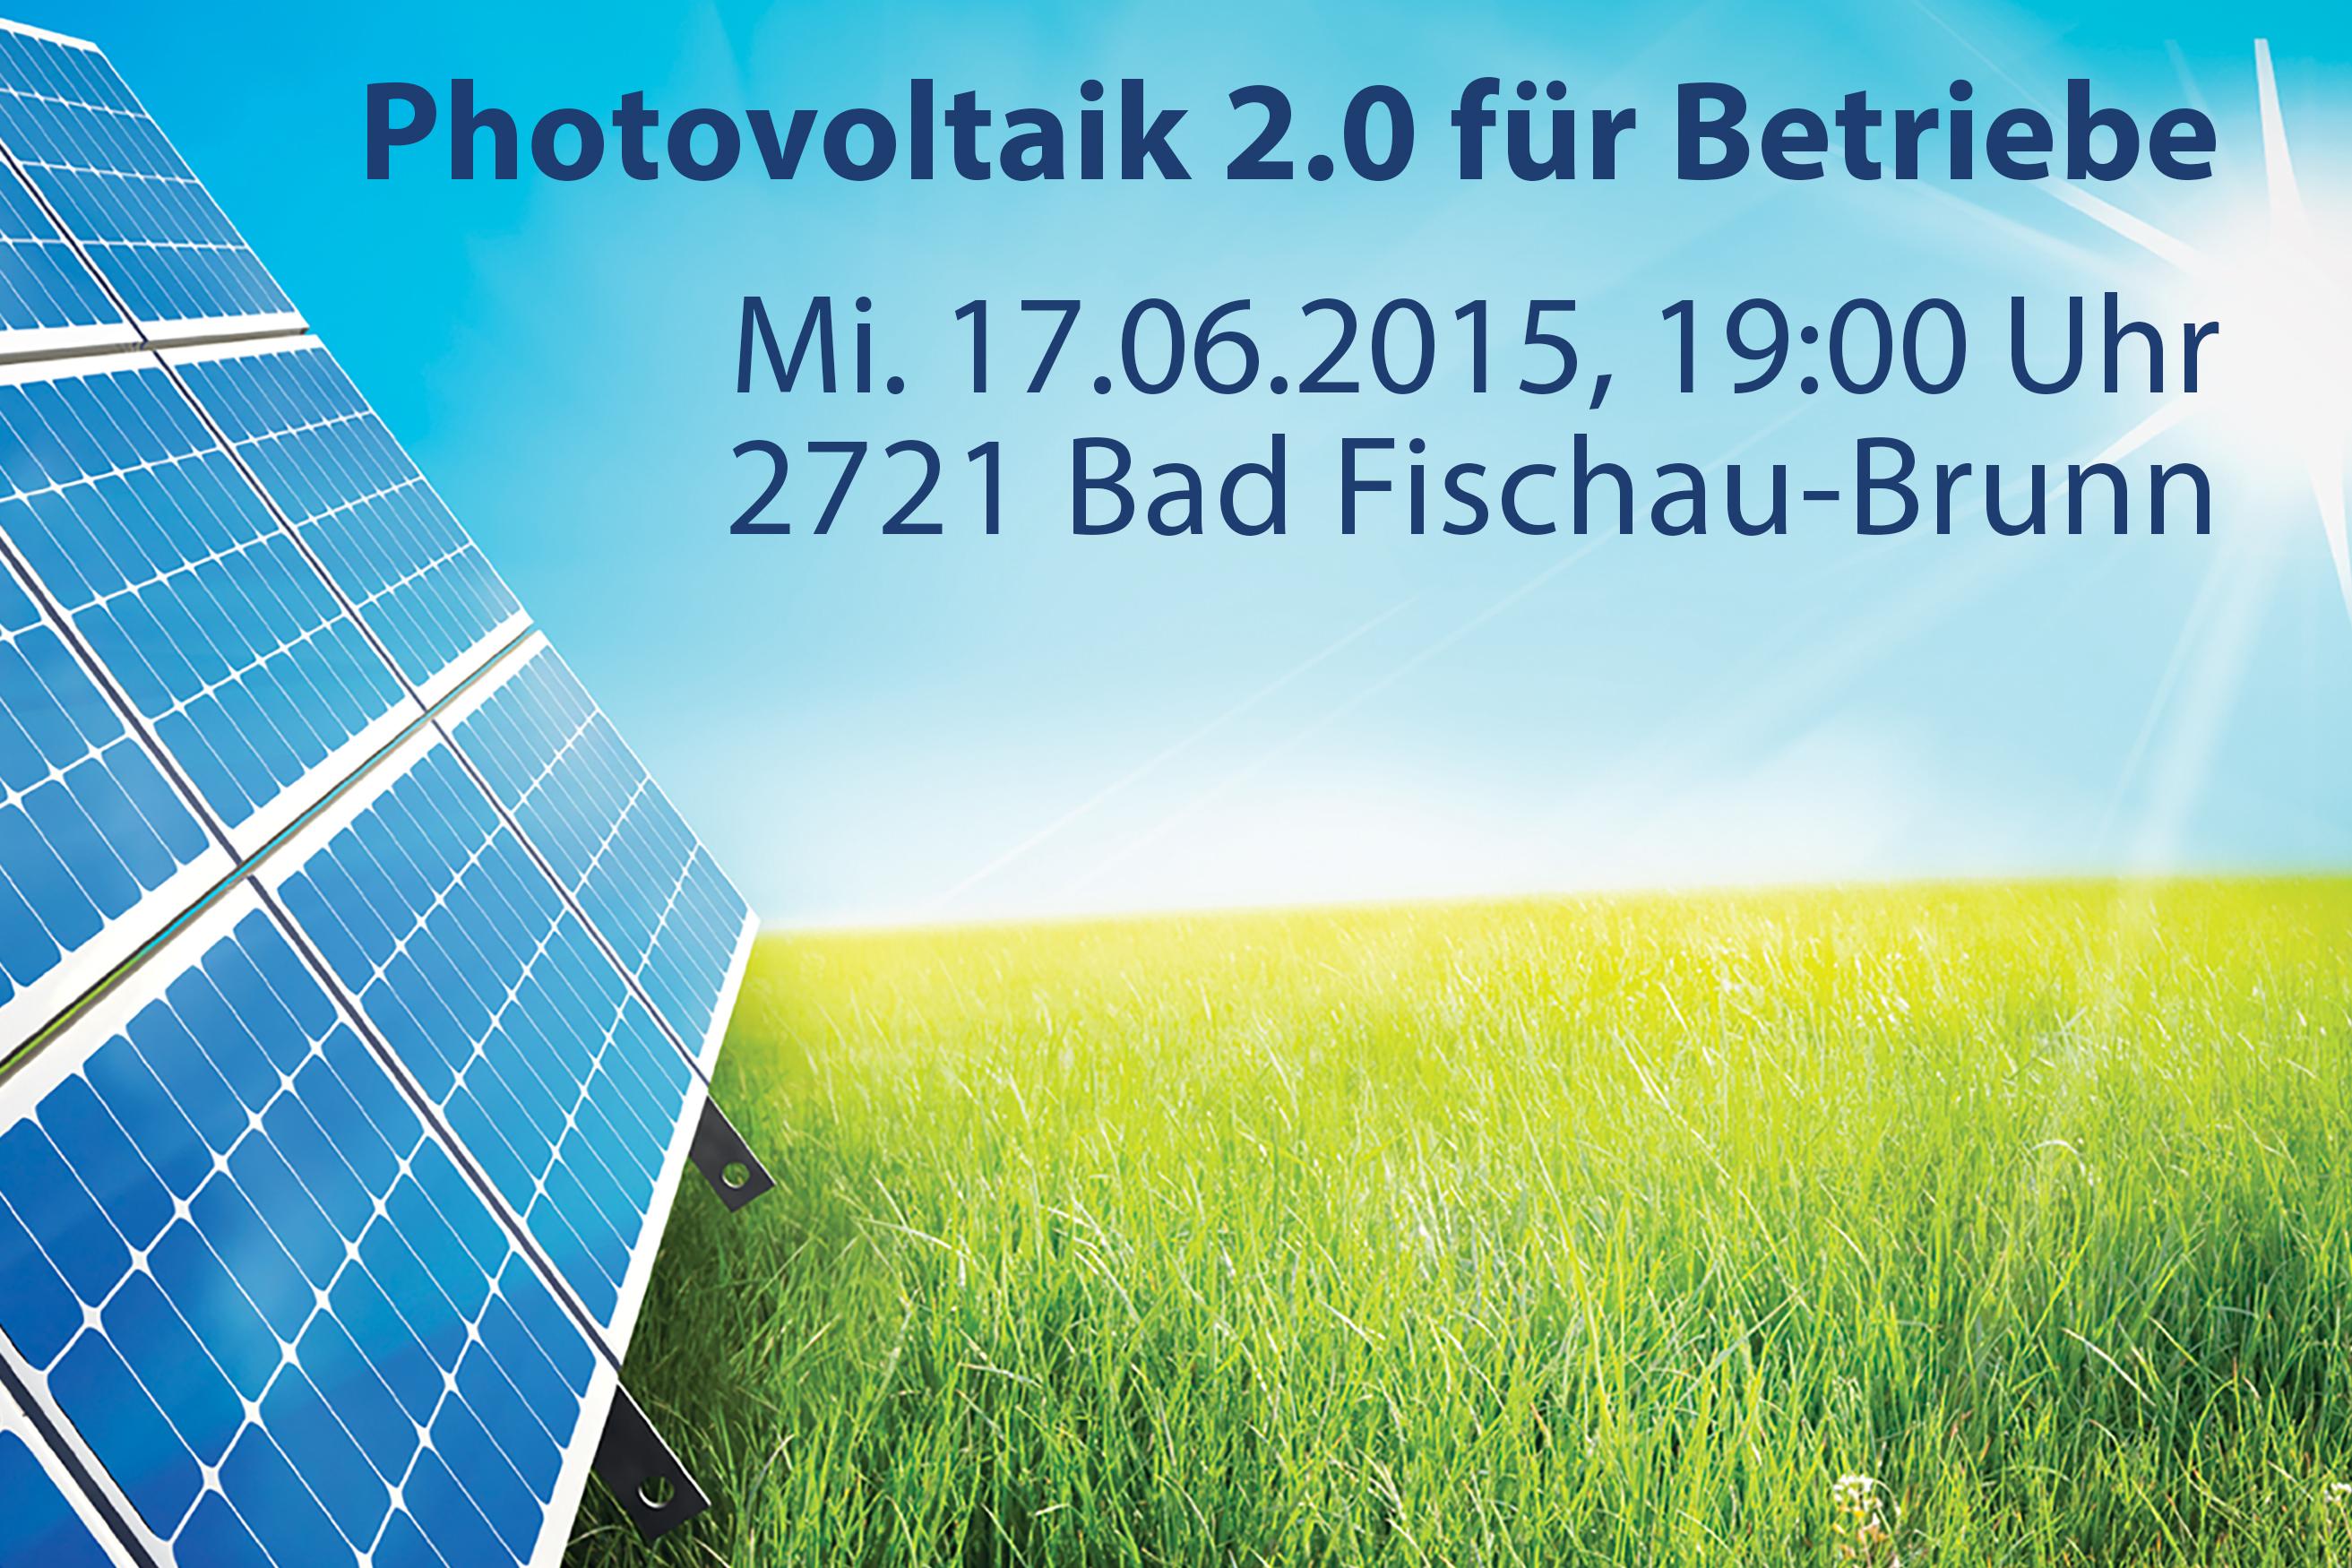 PV 2.0 für Betriebe in Bad Fischau-Brunn